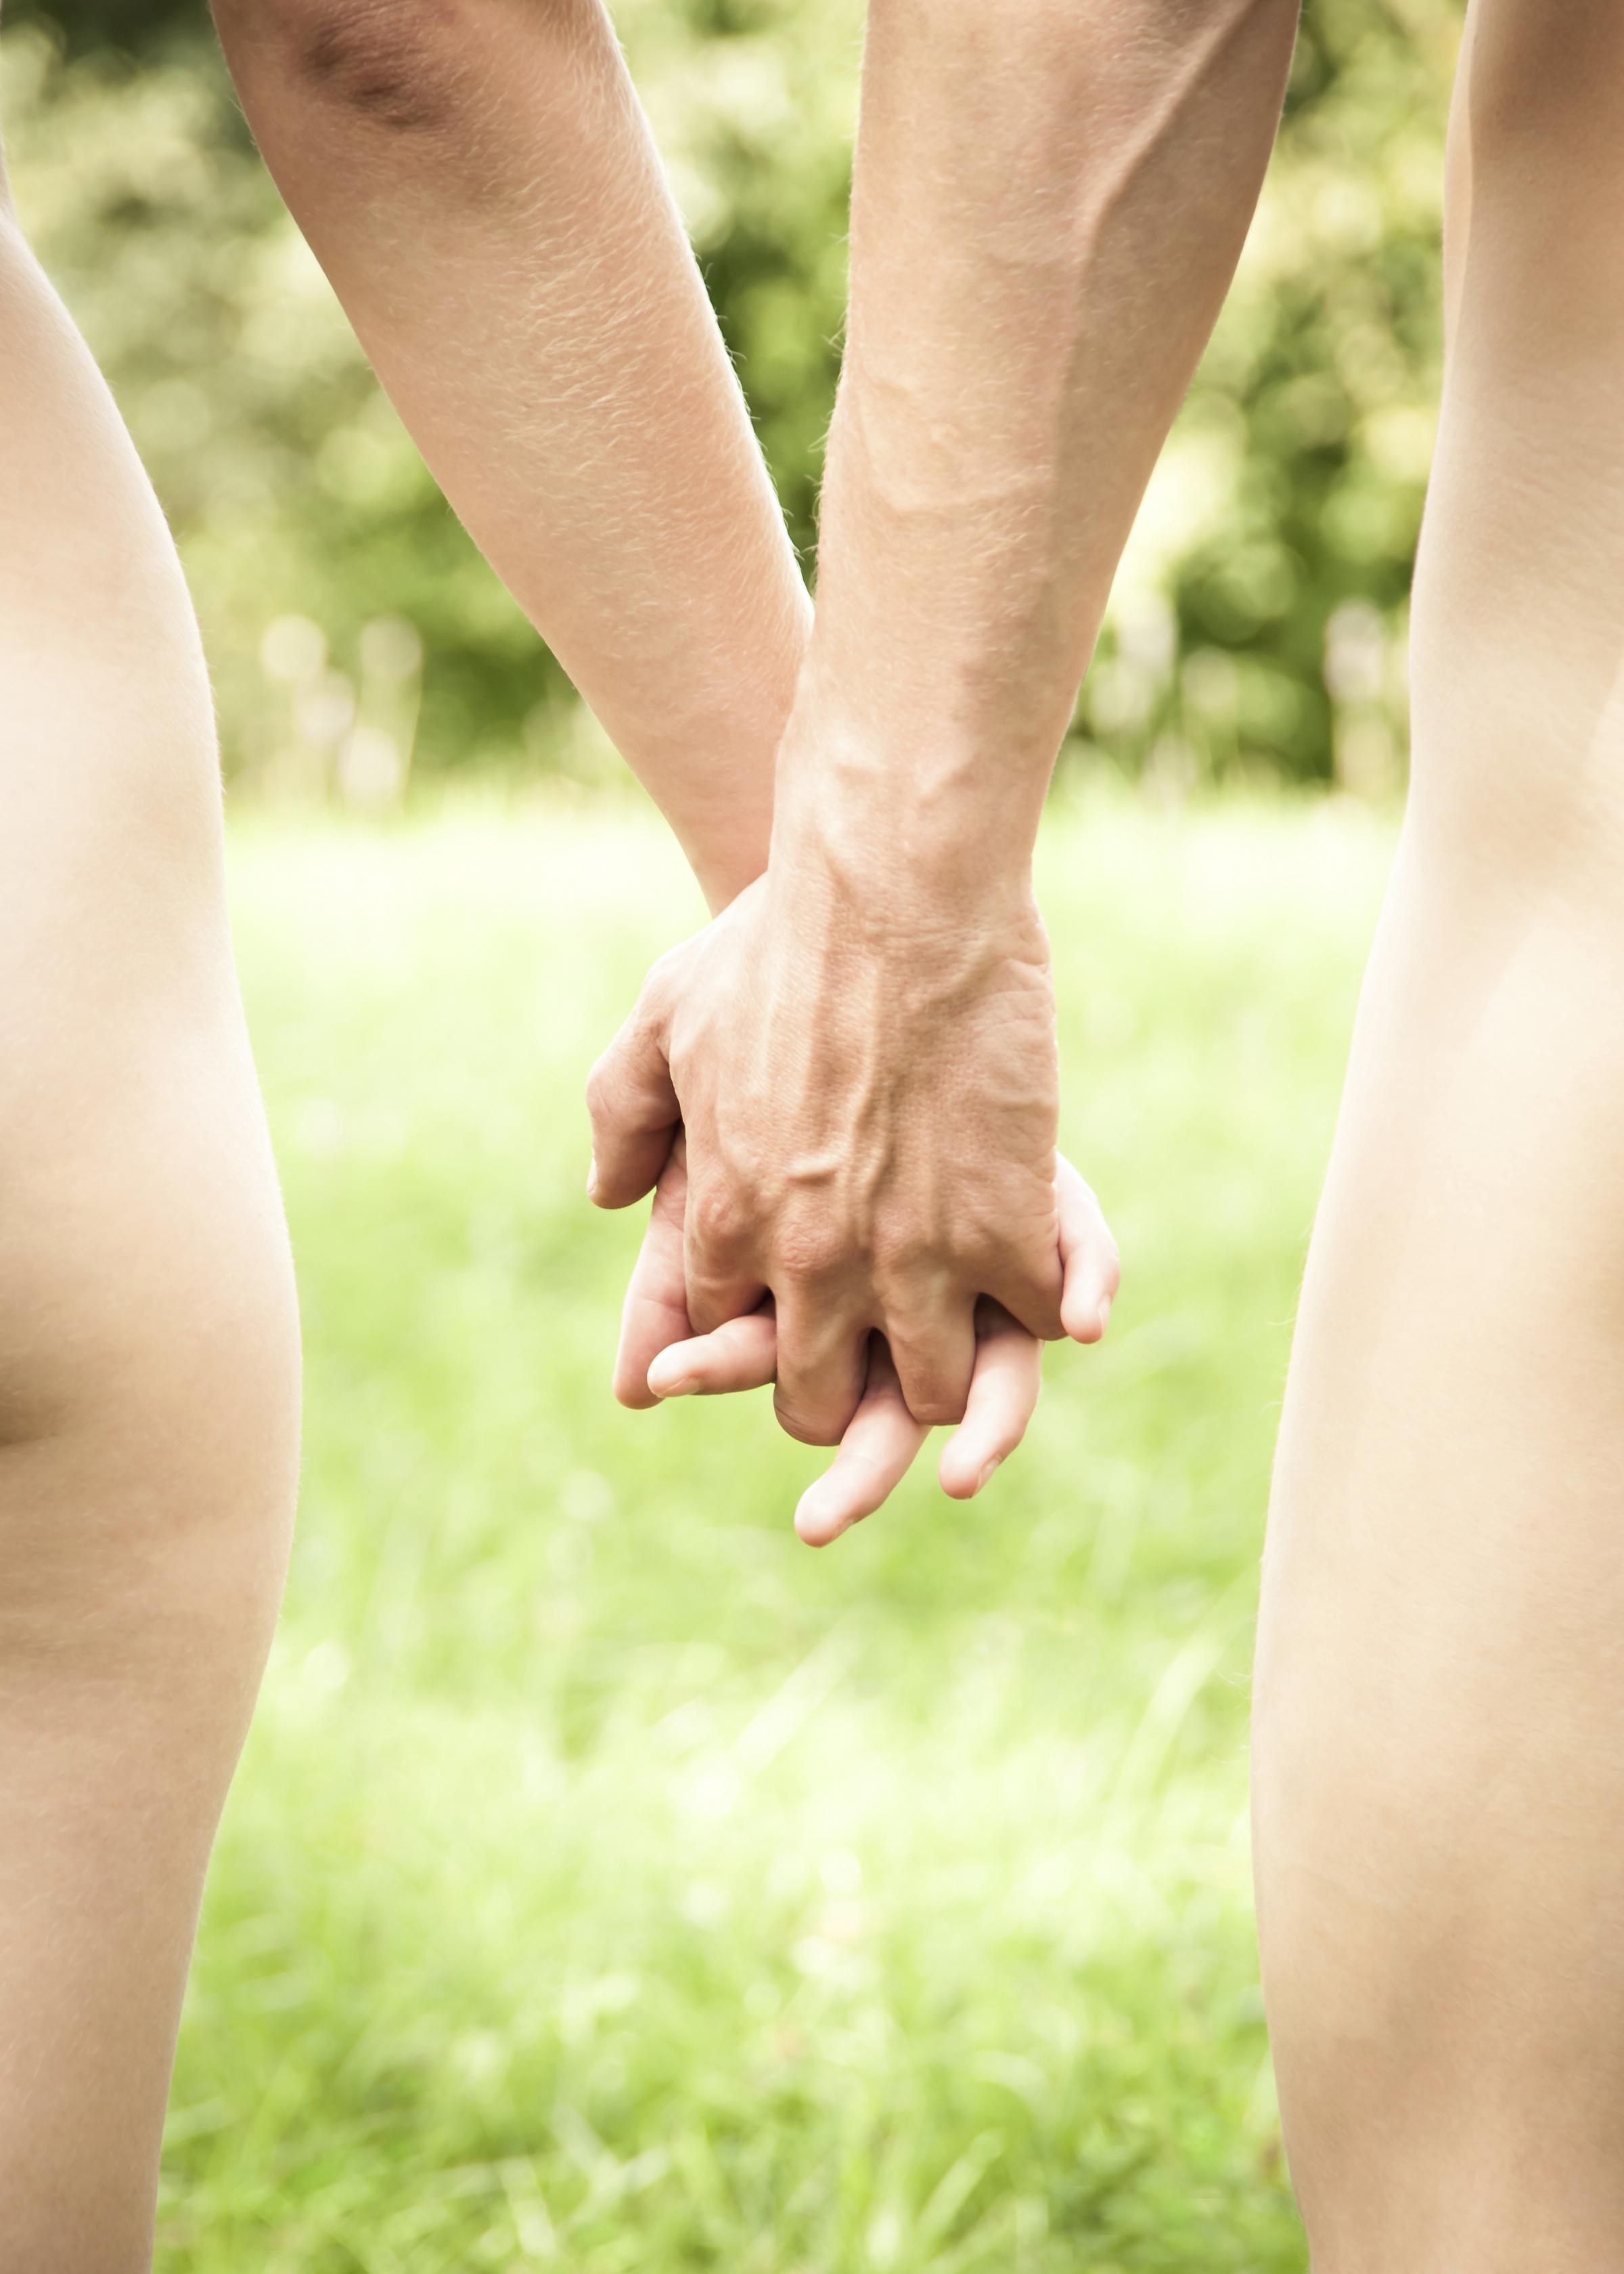 Thai girls sex pragnet